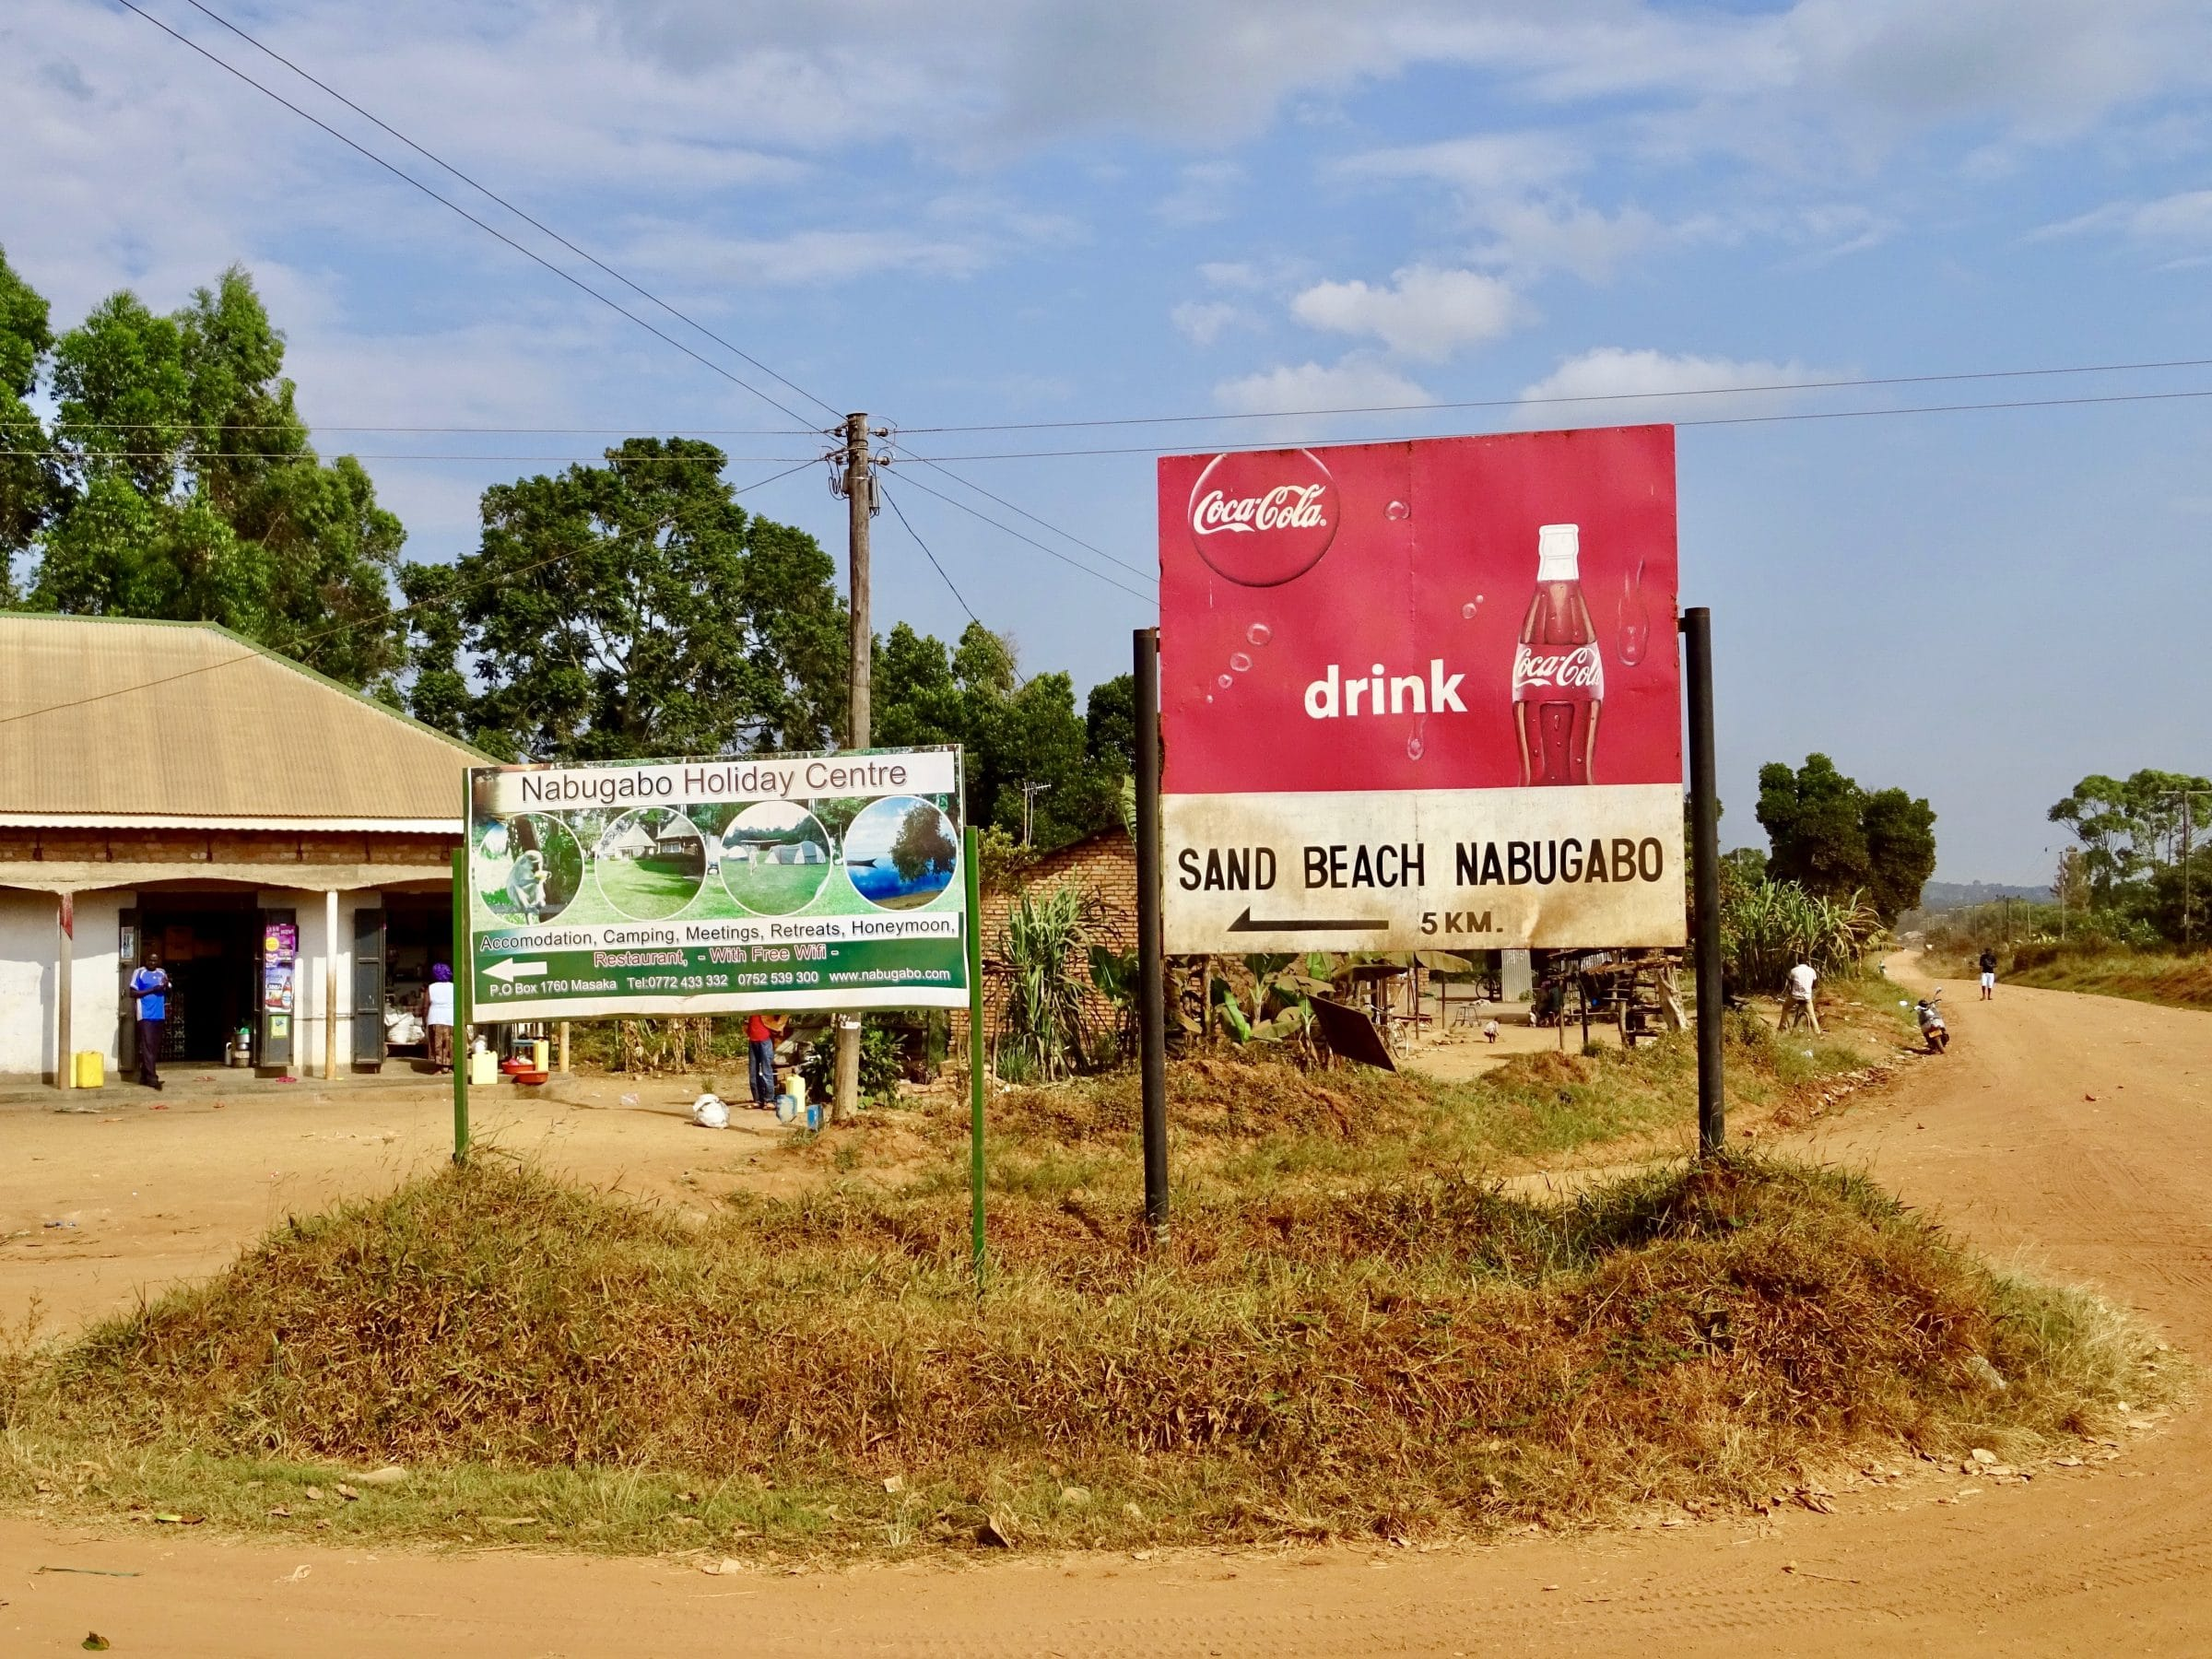 De afslag richting Sand Beach Nabugabo